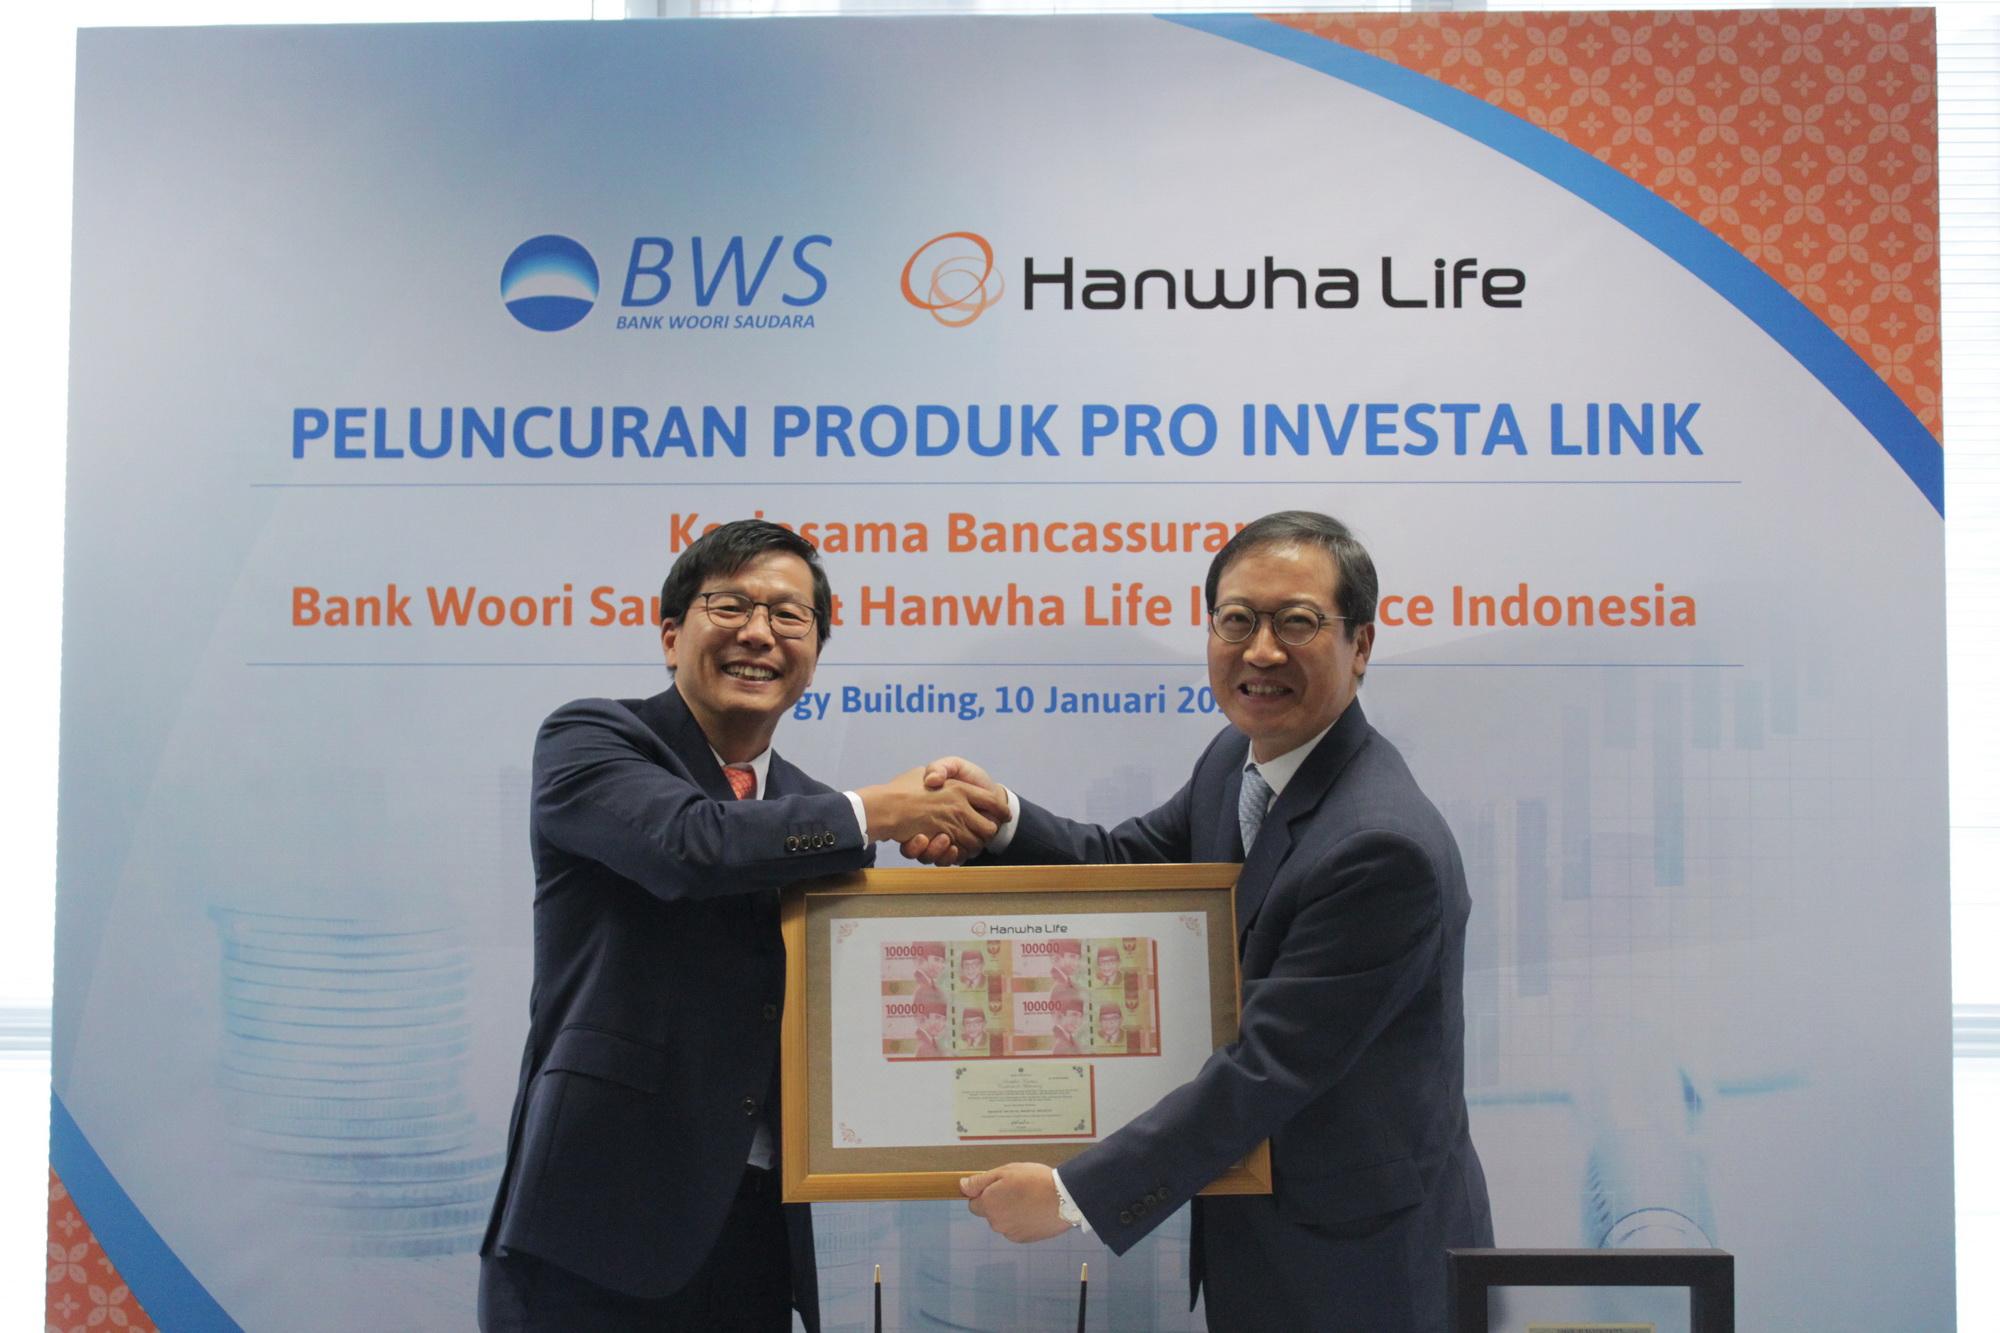 Hanwha Life dan Bank Woori Saudara Perluas Bisnis Melalui Jalur Distribusi Bancassurance